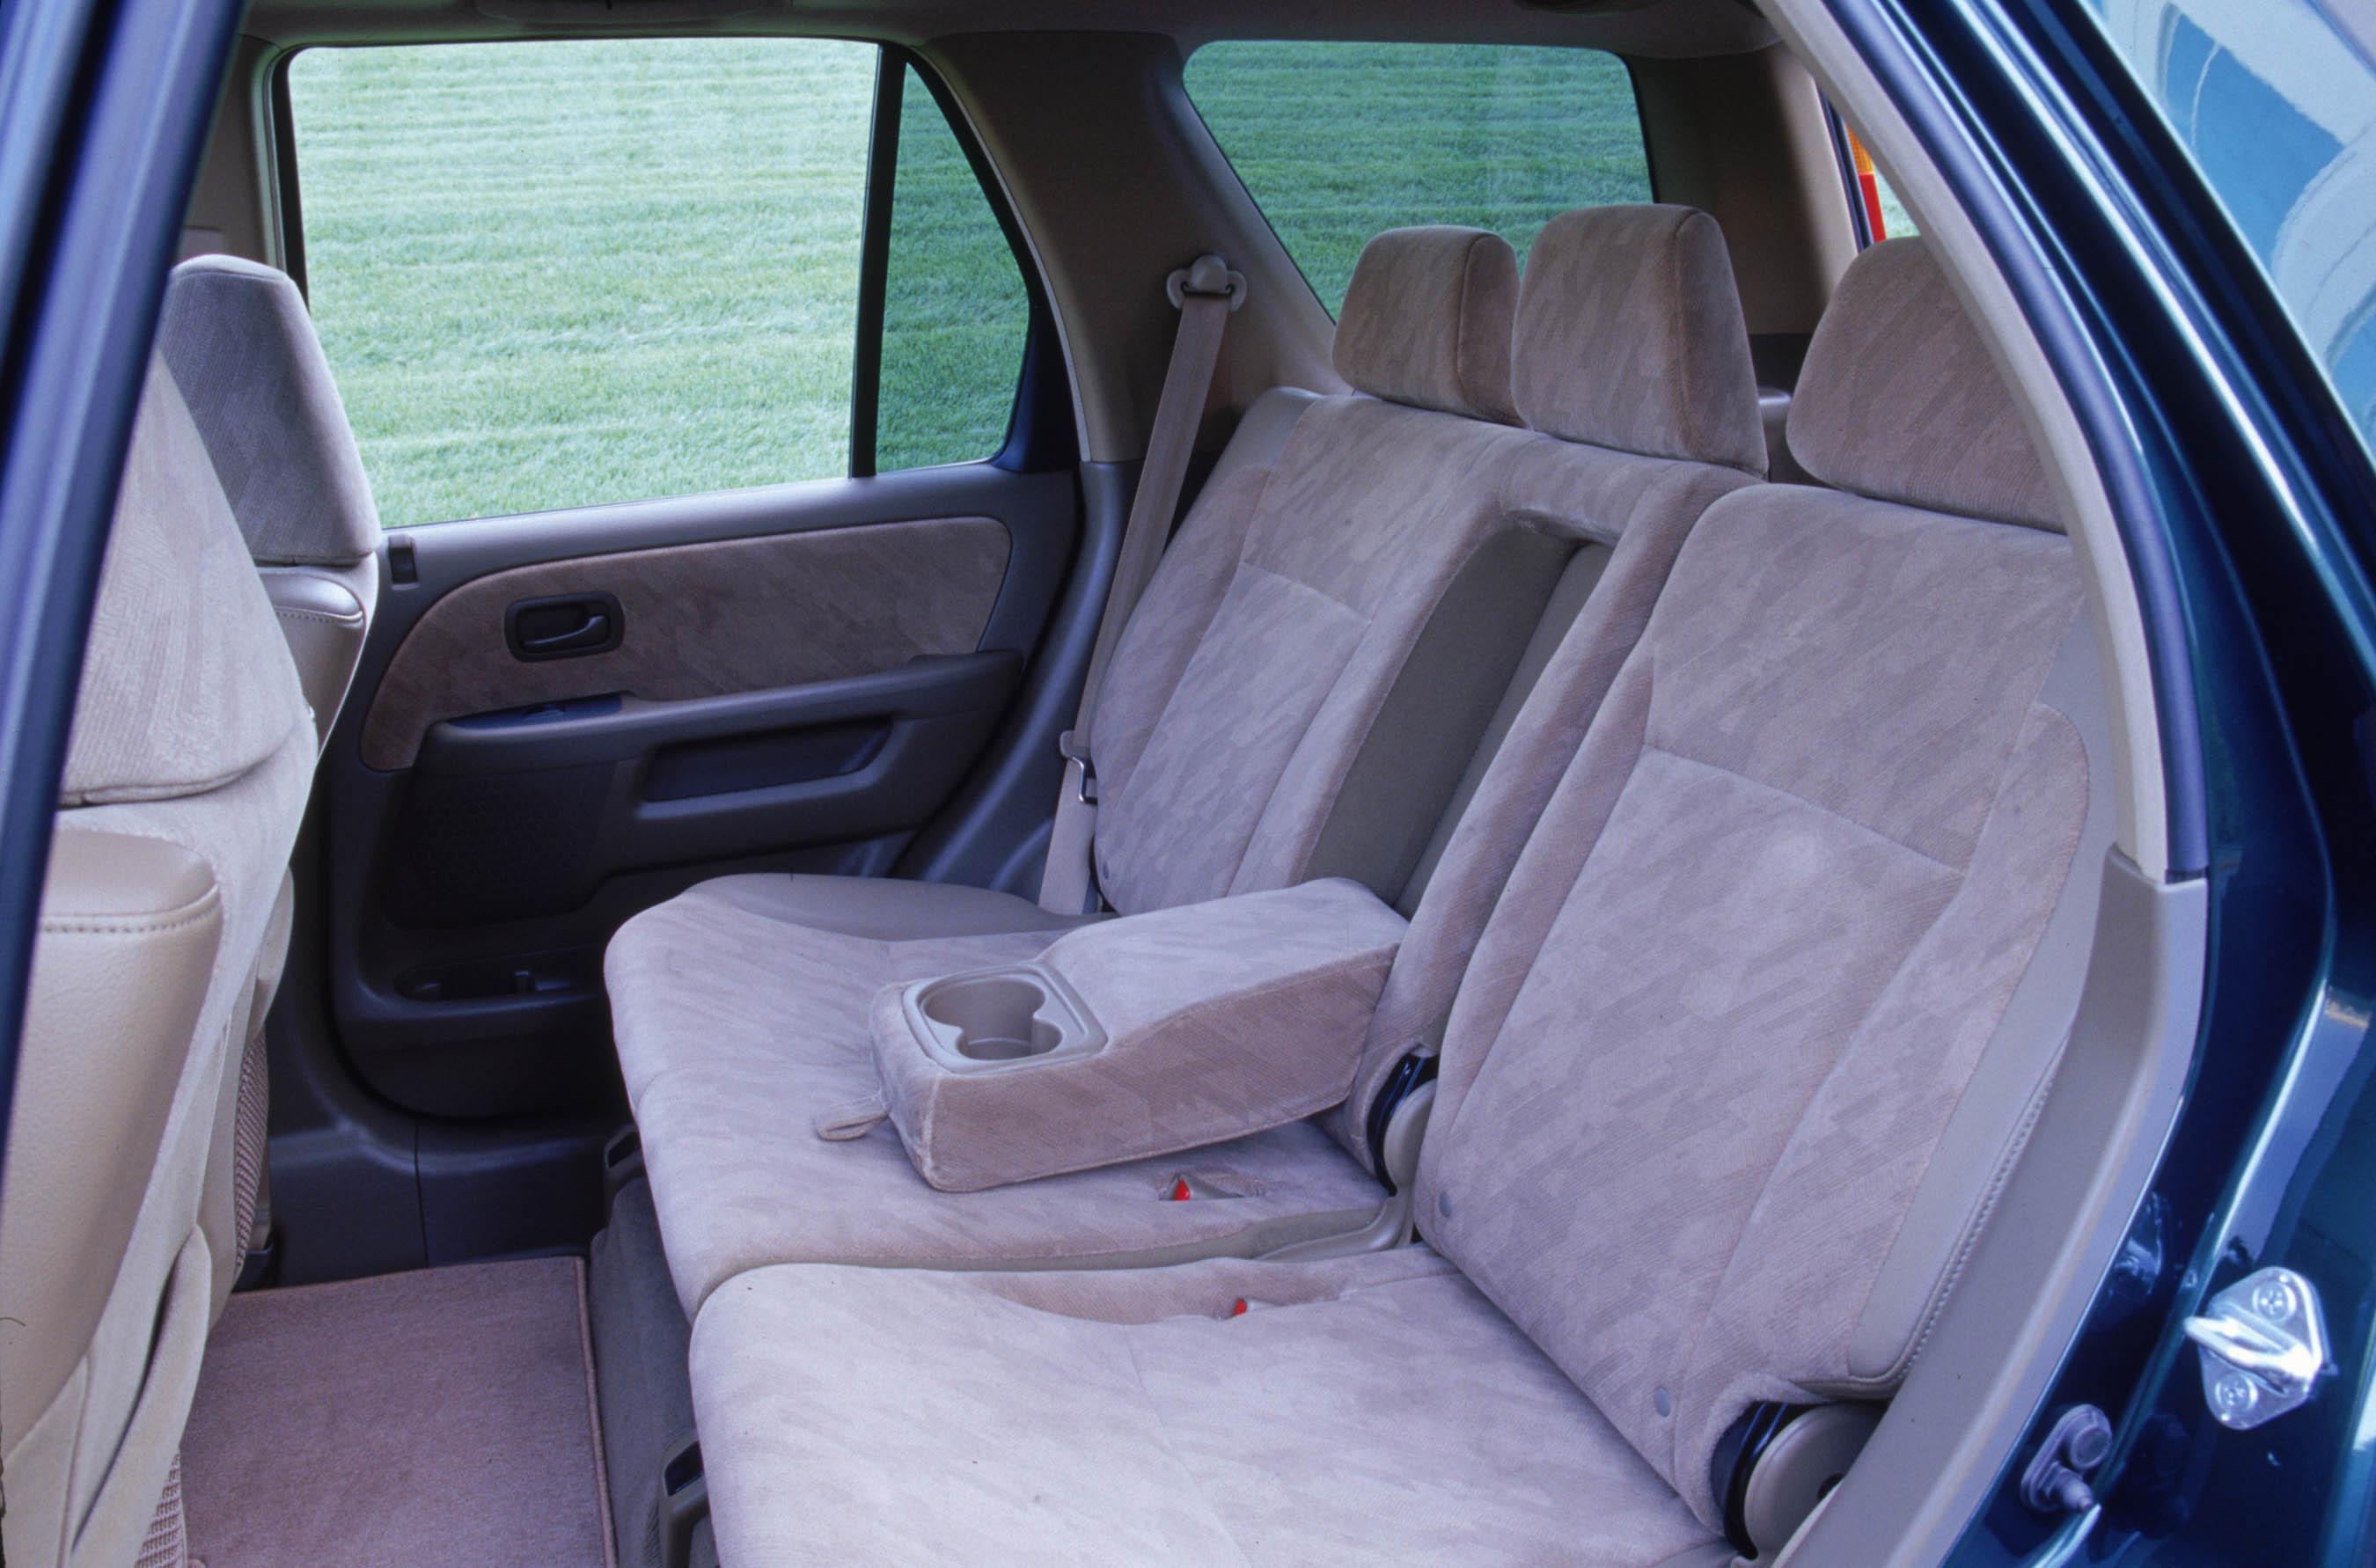 2002 cr-v review